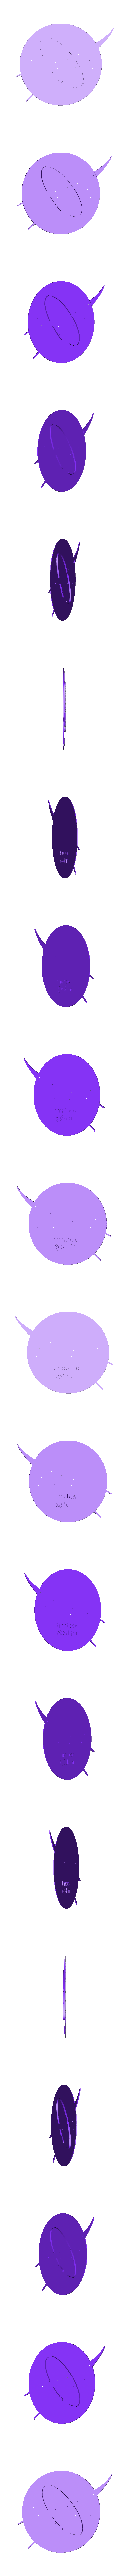 """Back_plate.stl Télécharger fichier STL gratuit Insigne """"Meatball"""" de la NASA • Objet pour impression 3D, tmatosc"""